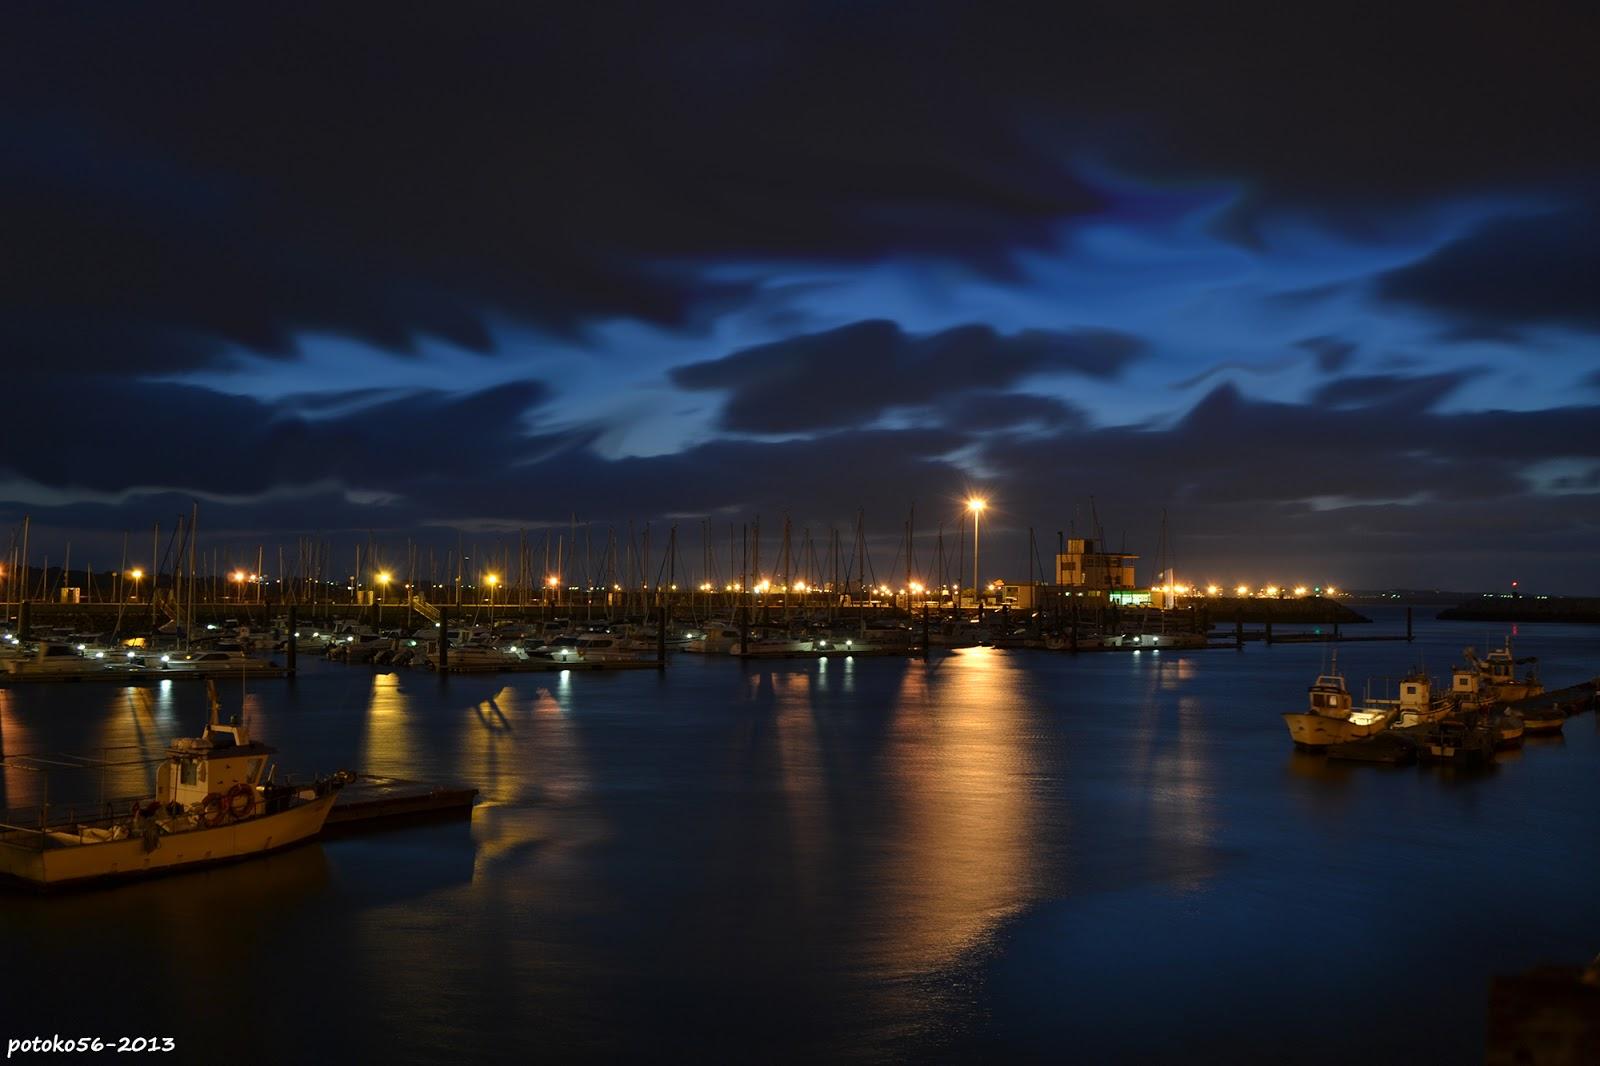 vista del Muelle de Rota al amanecer